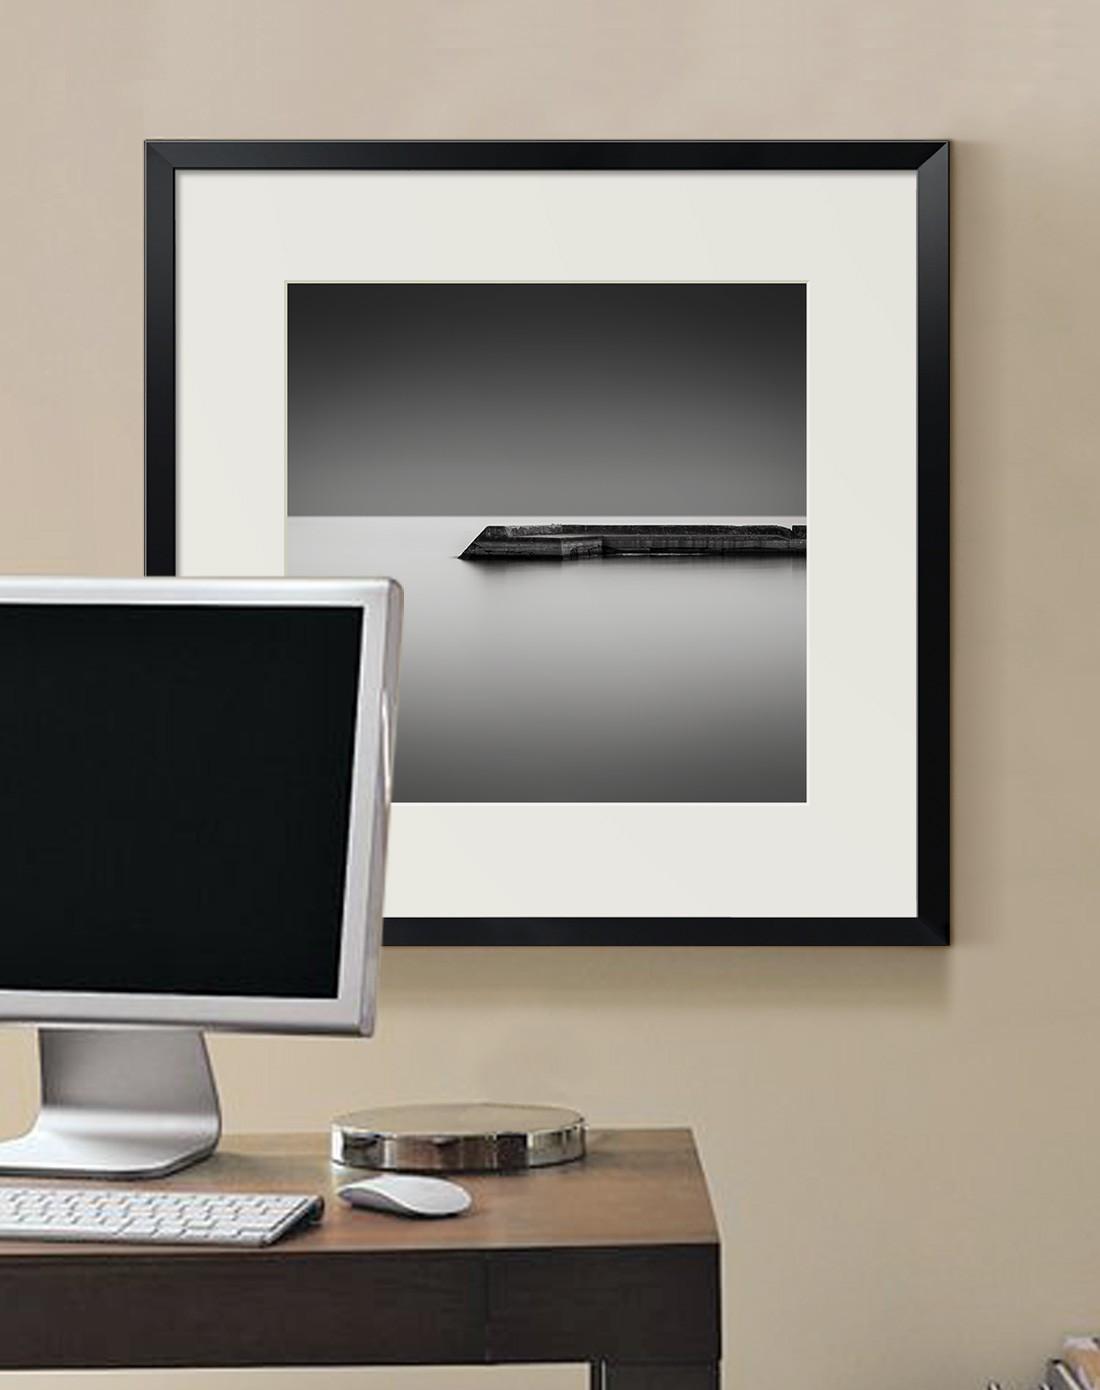 墙蛙装饰画专场54*54cm光影码头黑白客厅装饰画3582